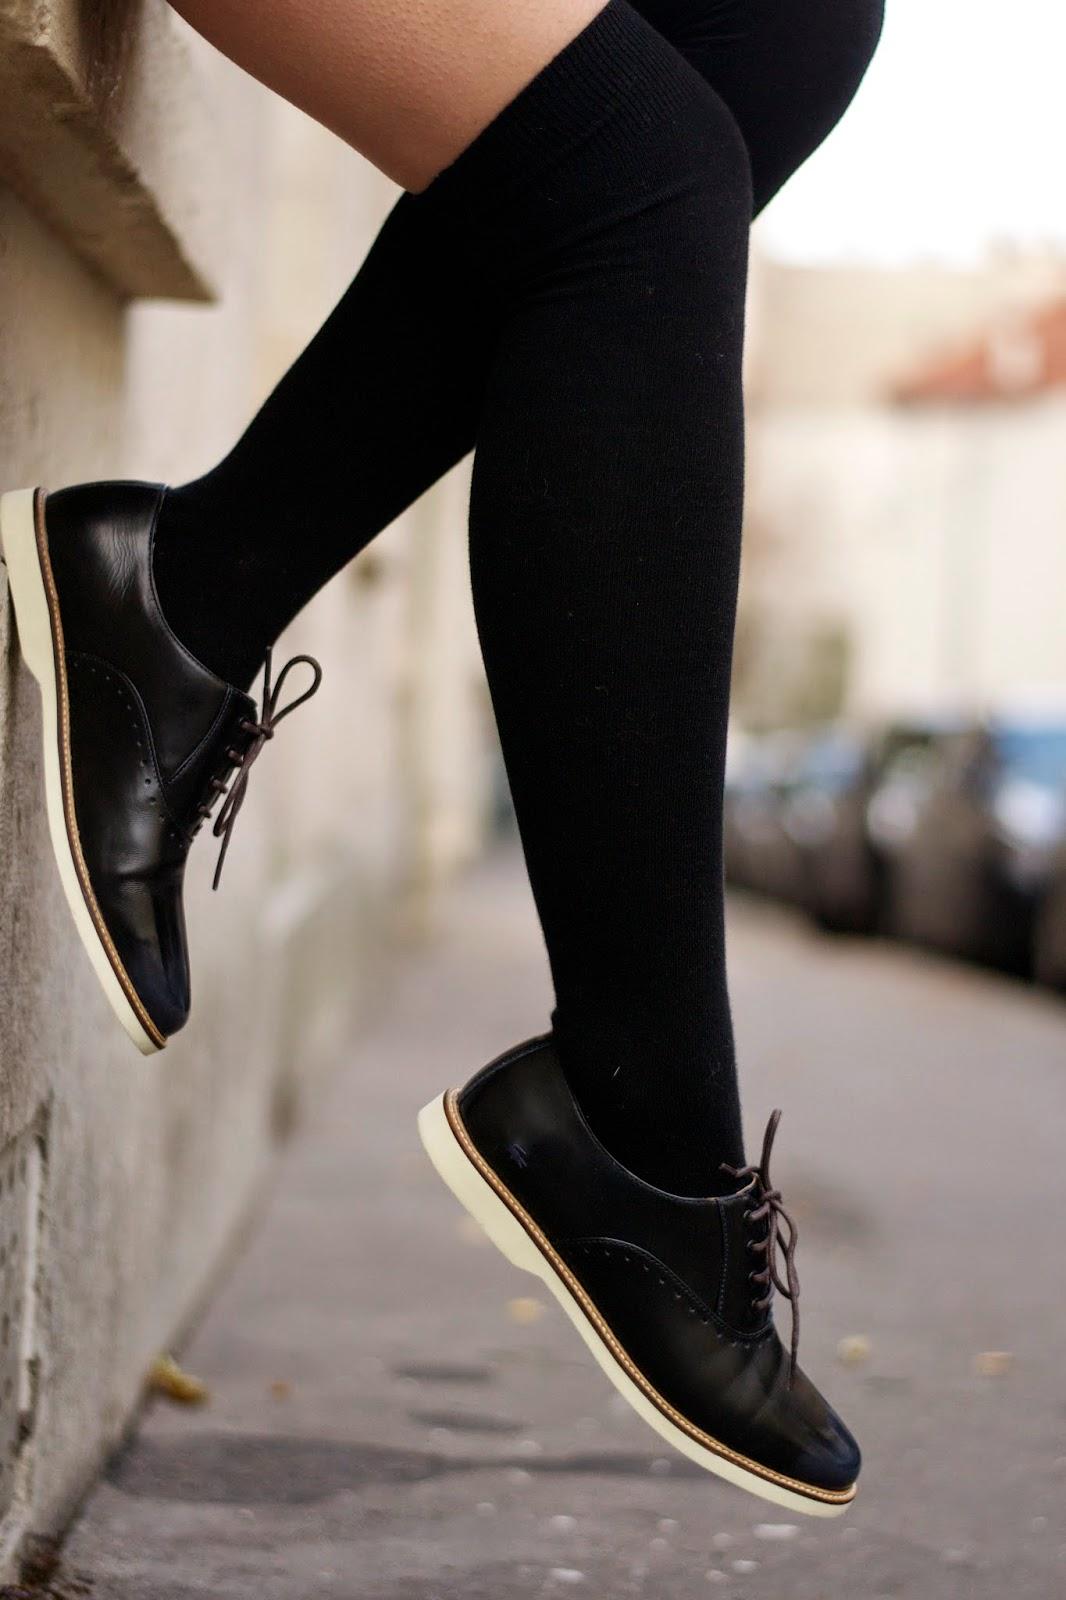 Lacoste shoes 2014